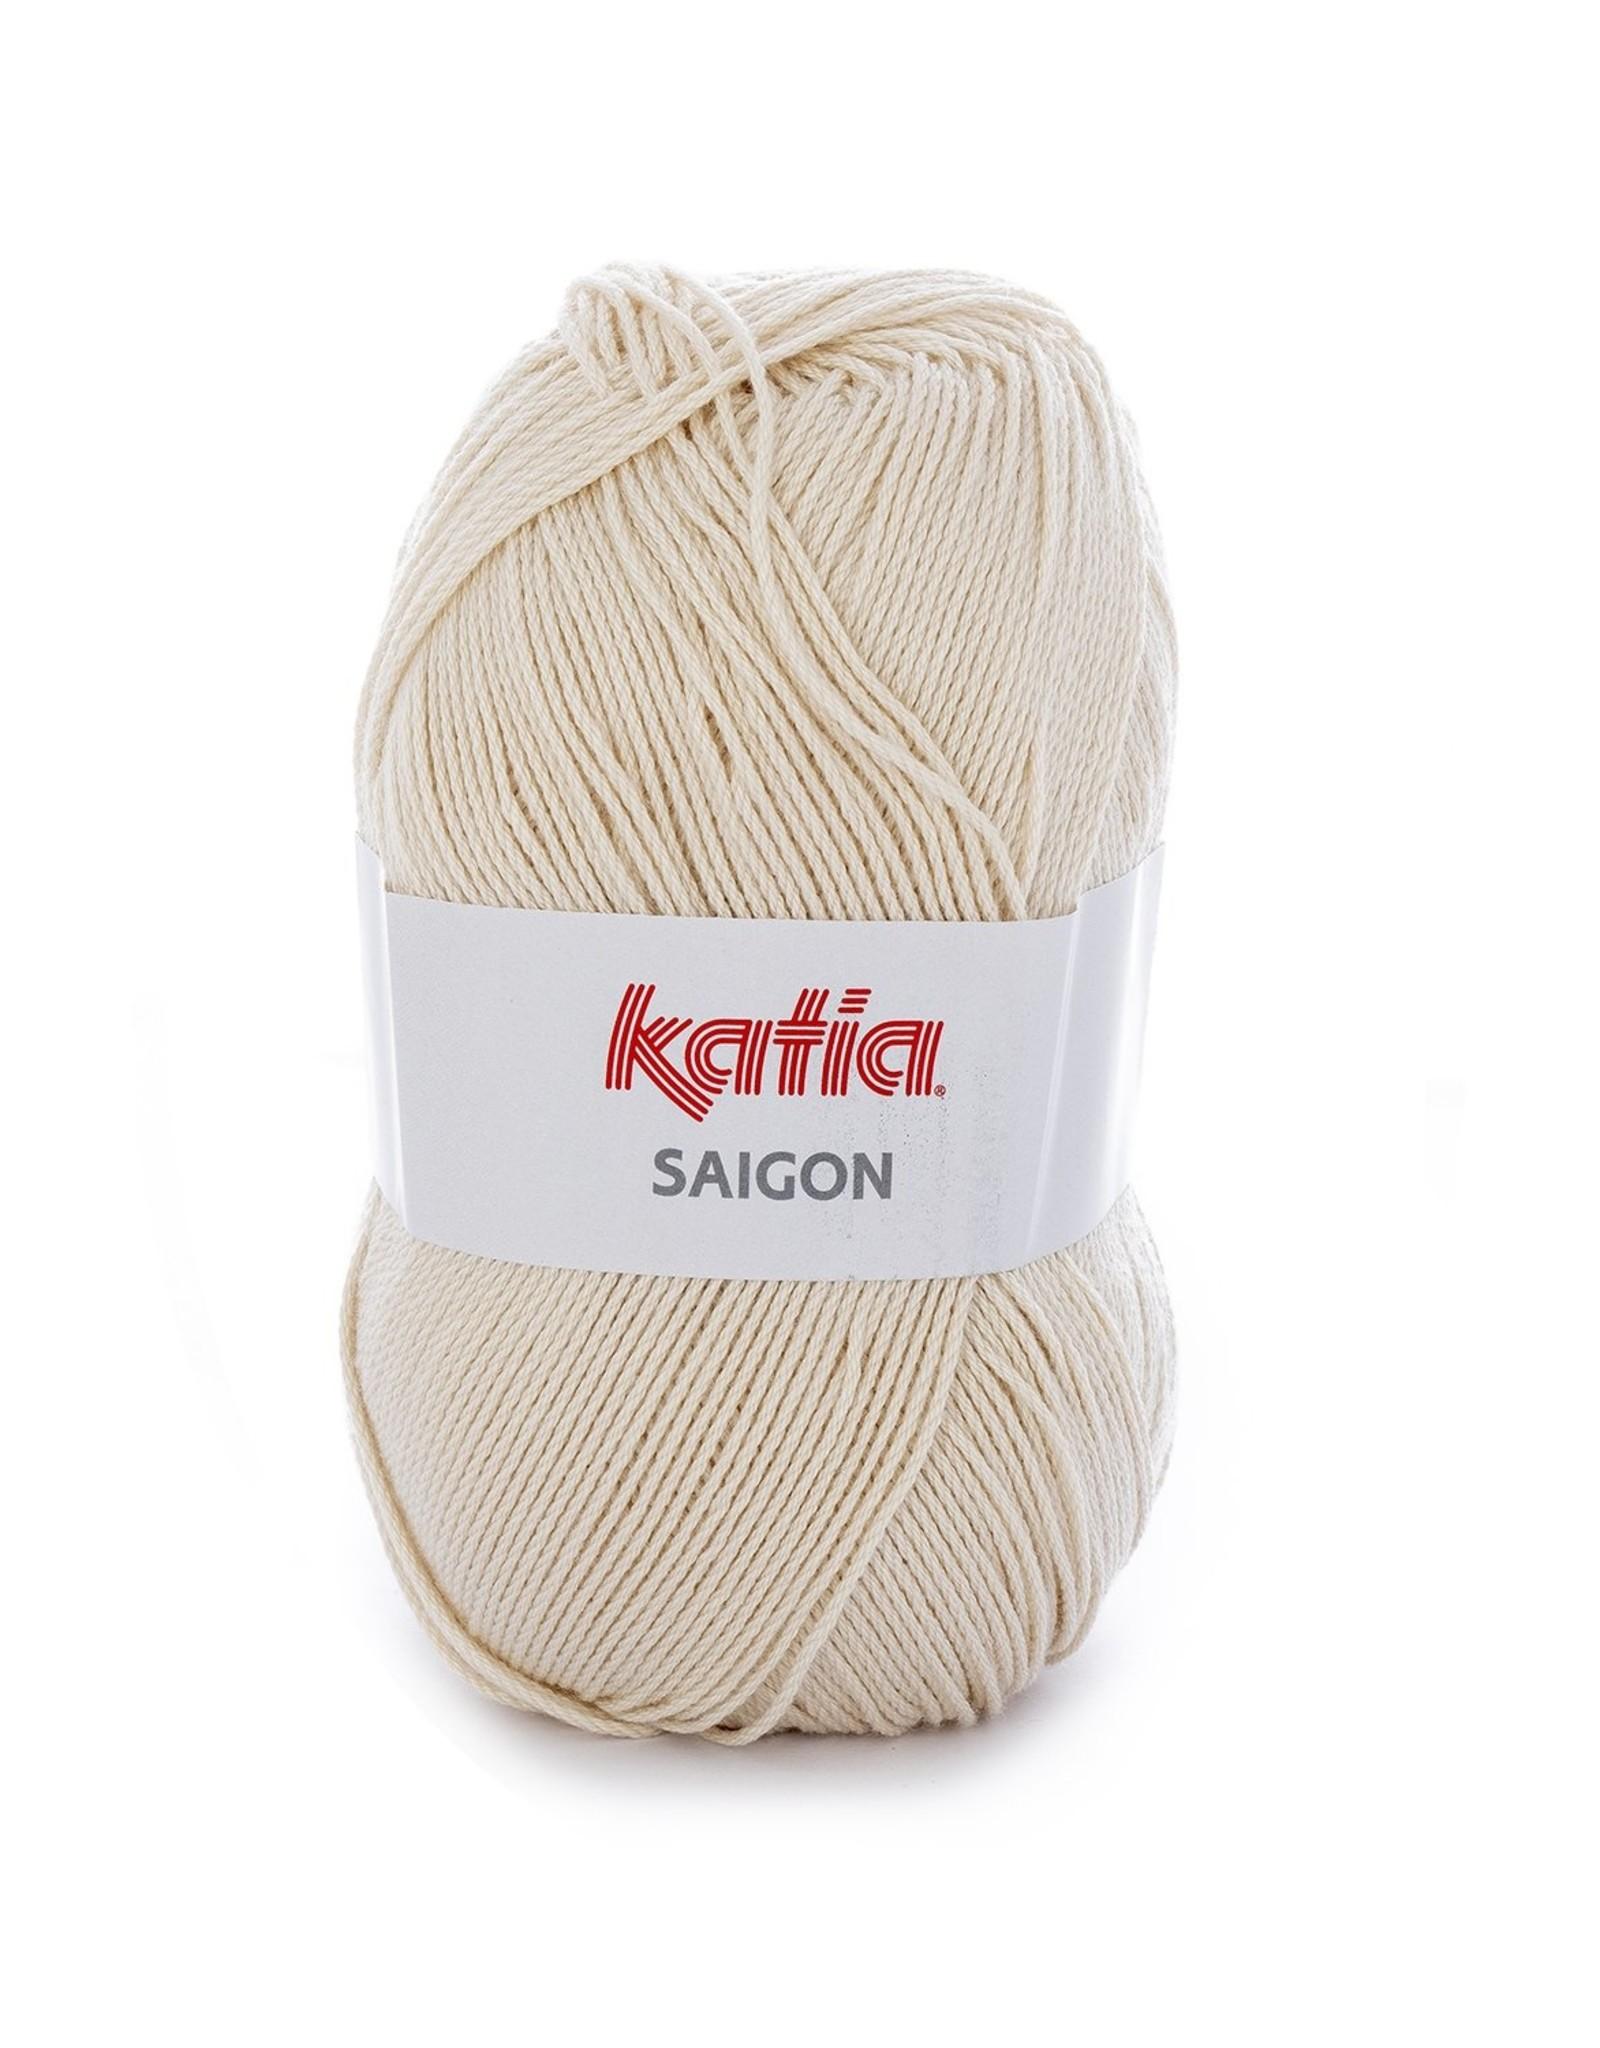 Katia Saigon